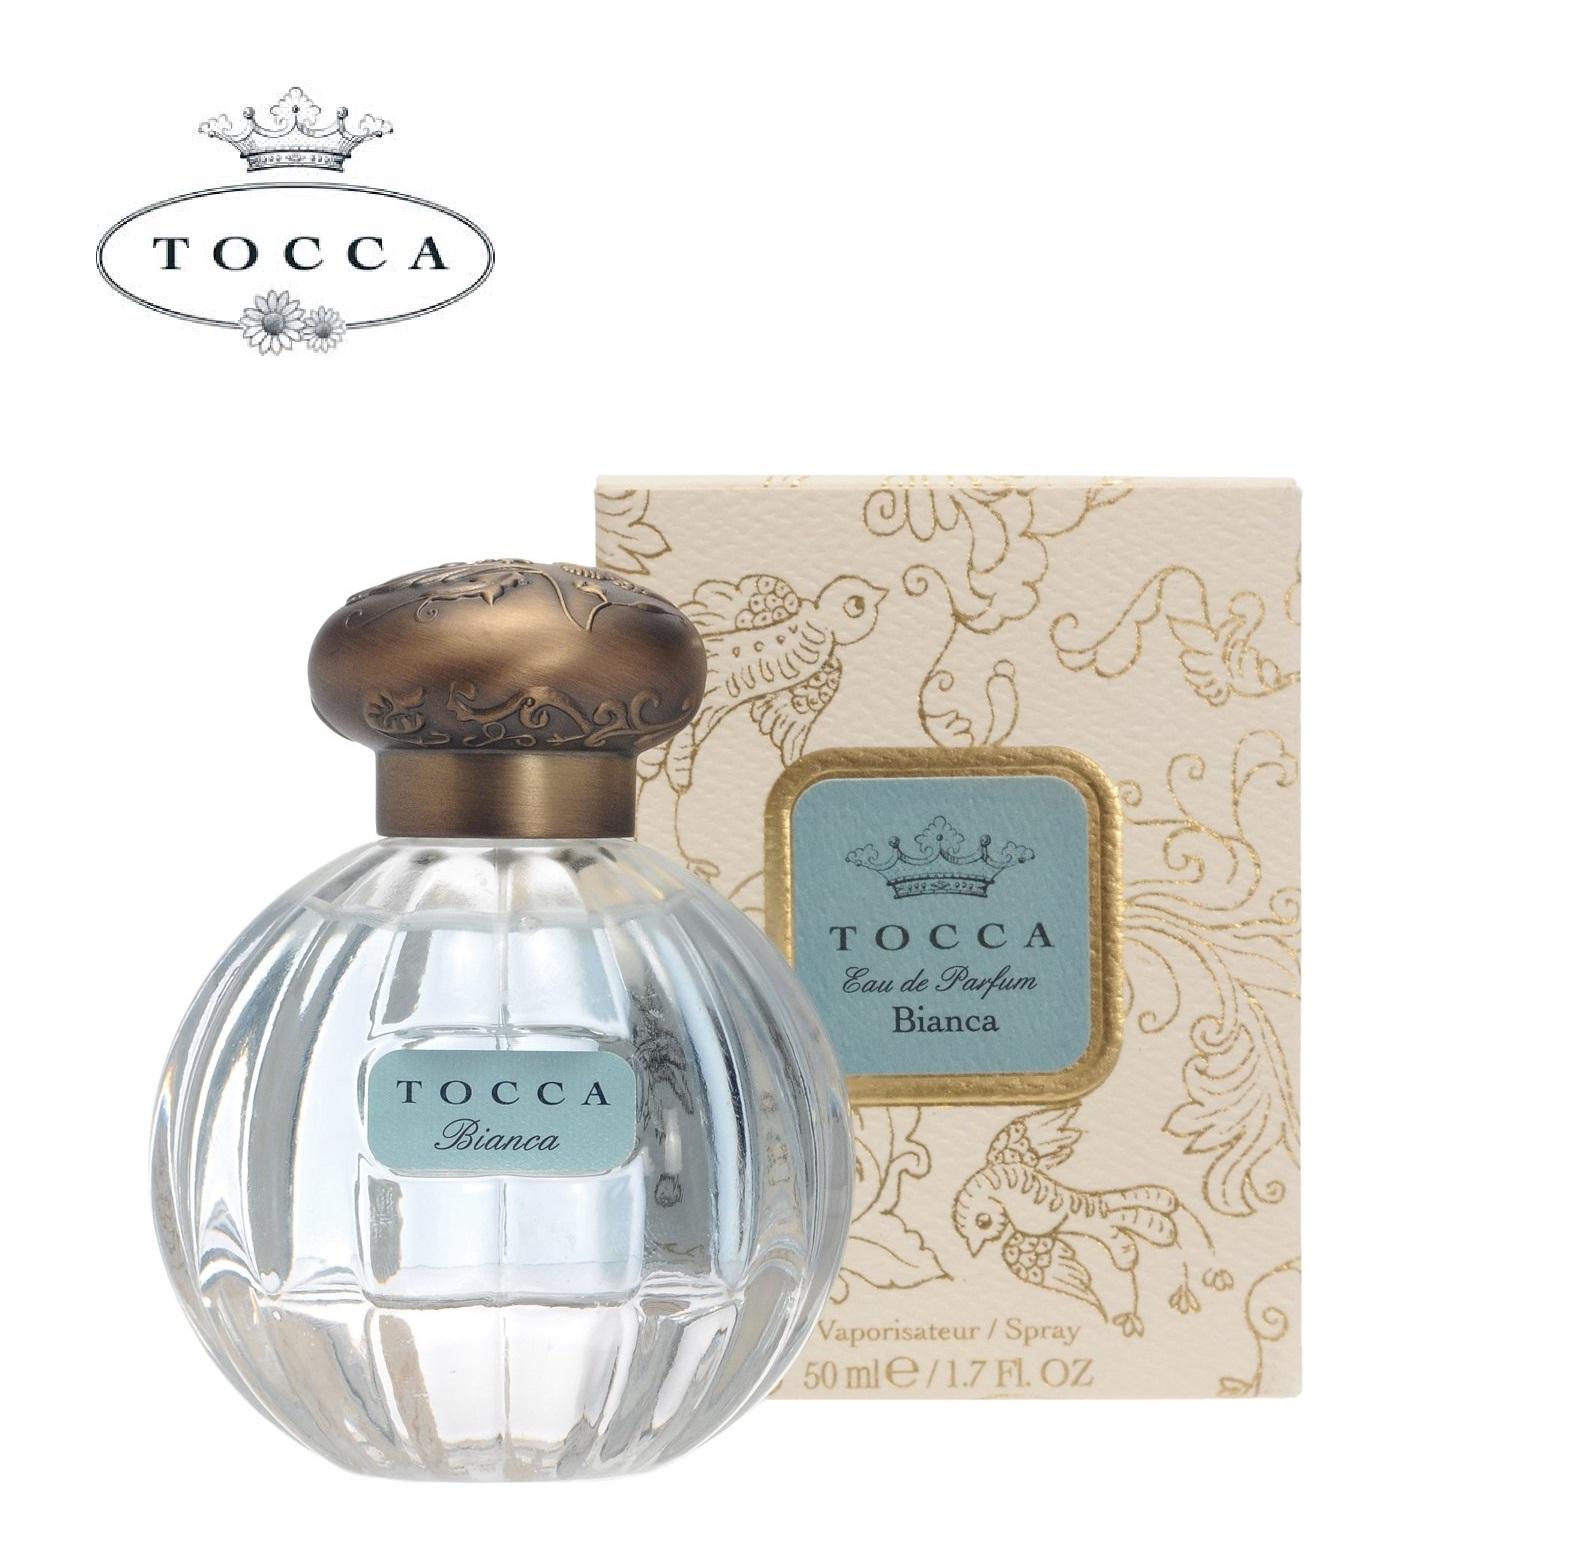 【TOCCA】オードパルファム ビアンカの香り 50ml